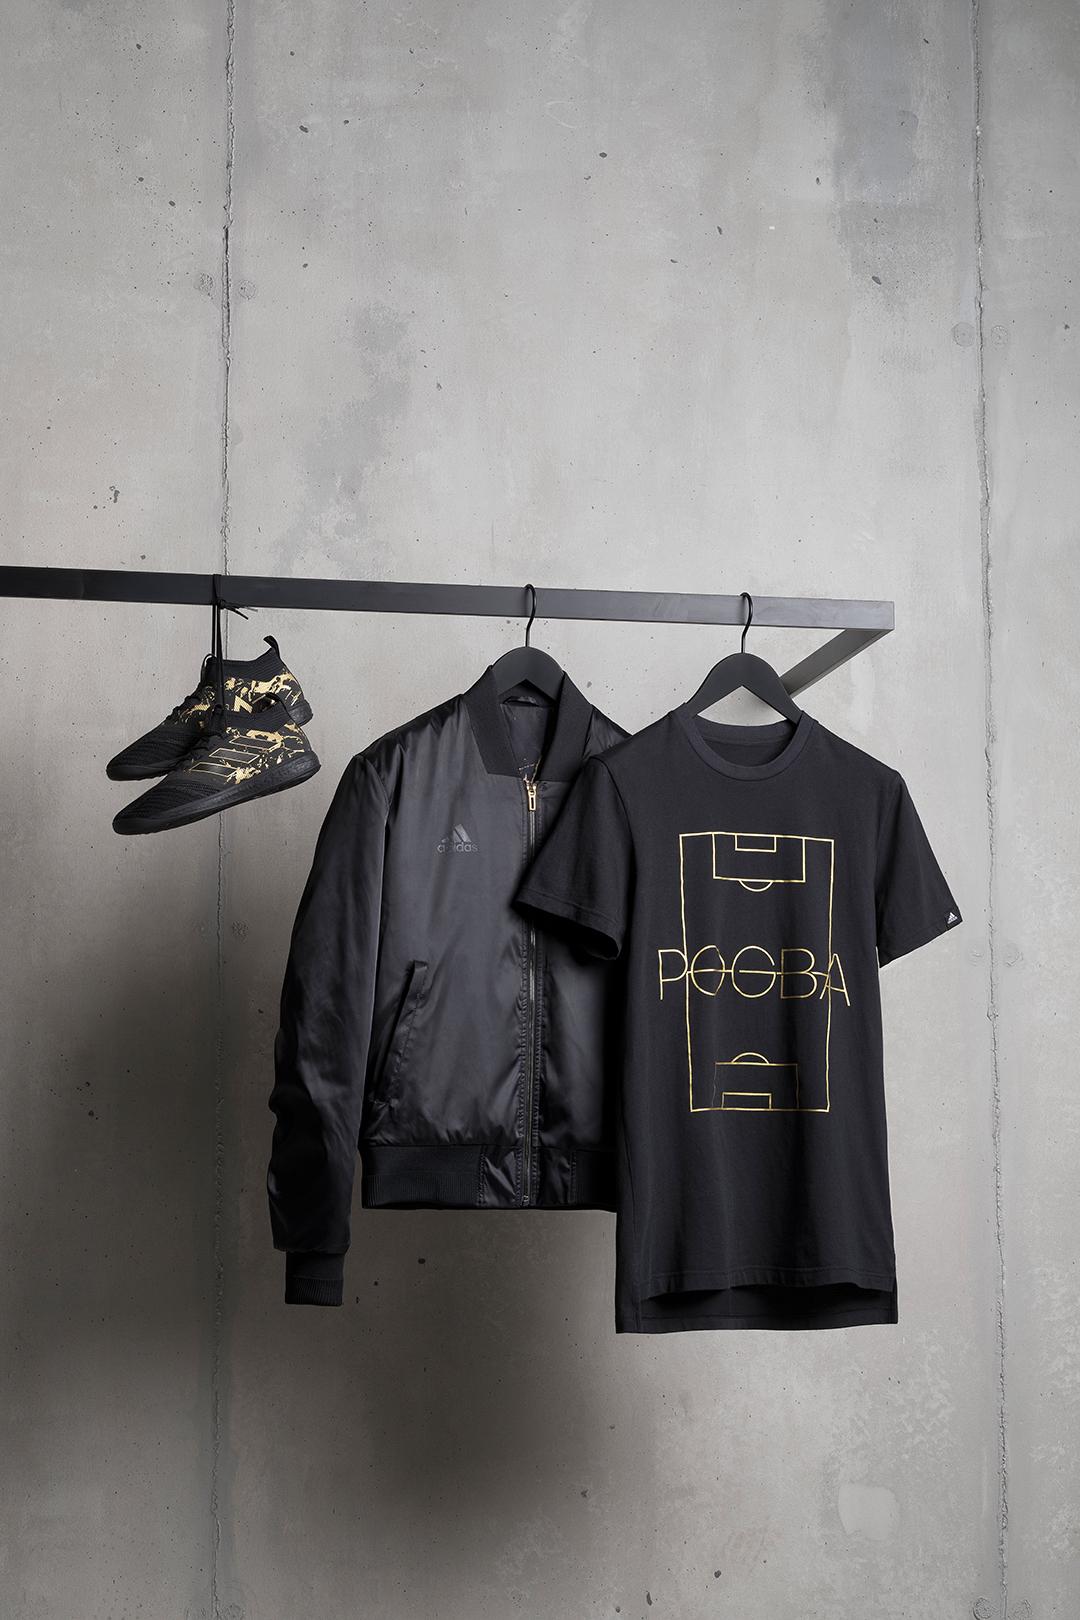 pogba-adidas-street